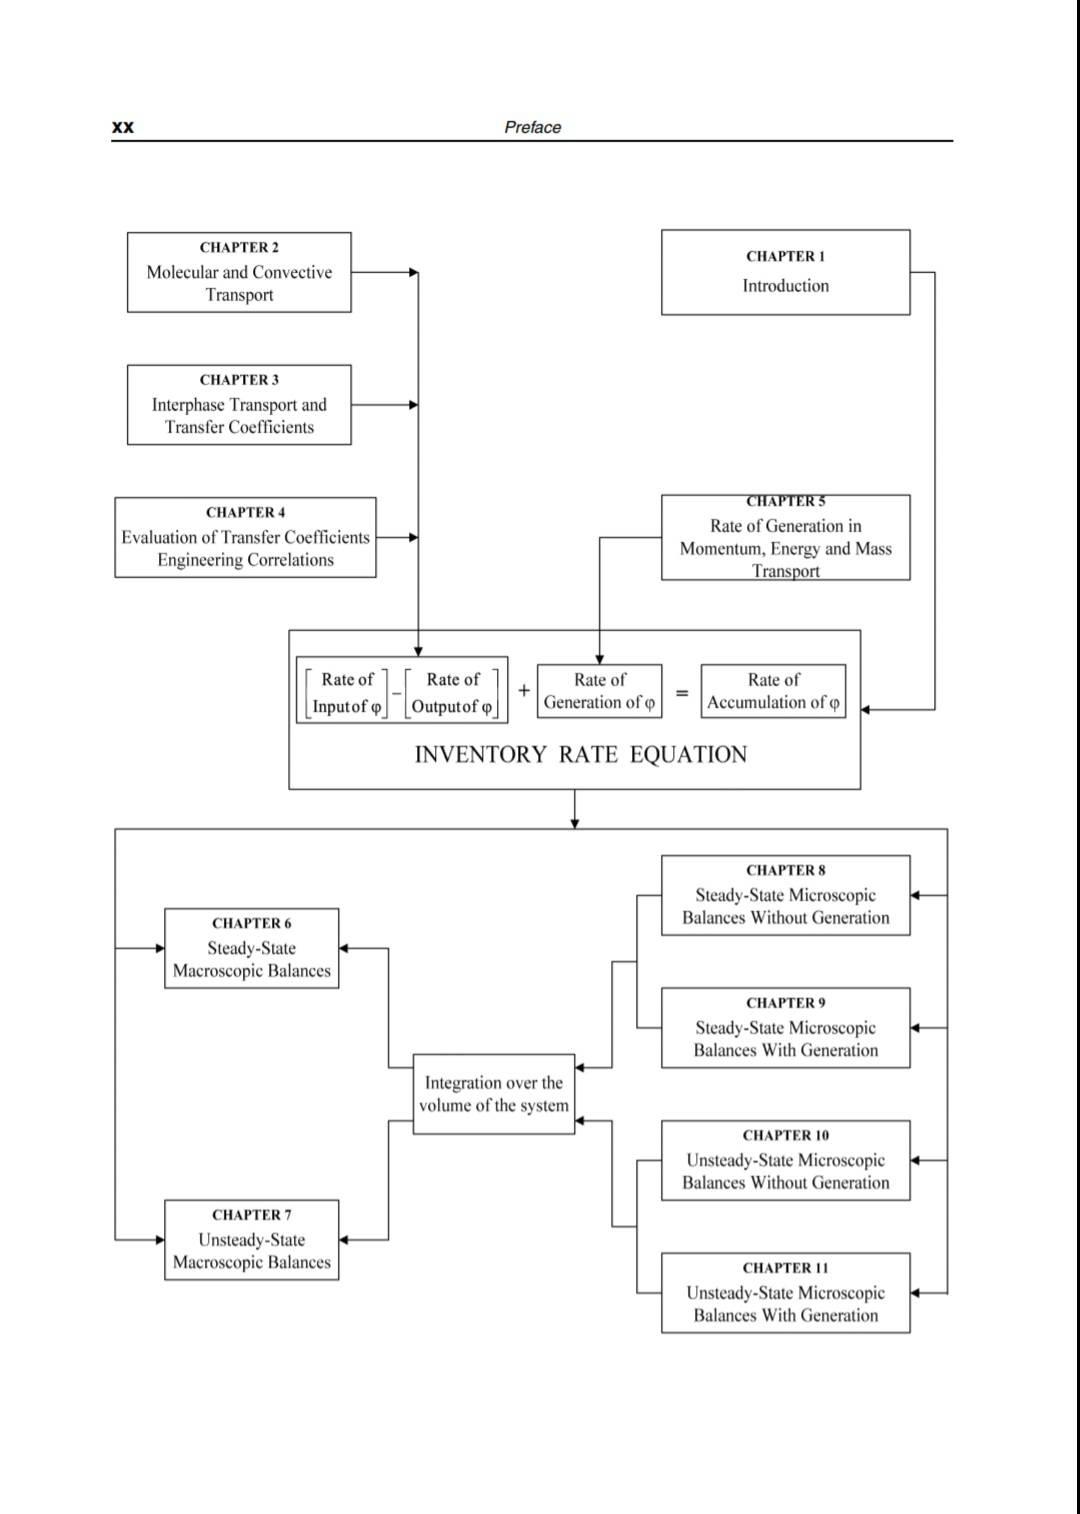 مدل سازی و شبیه سازی پدیده های انتقال اسماعیل توسن